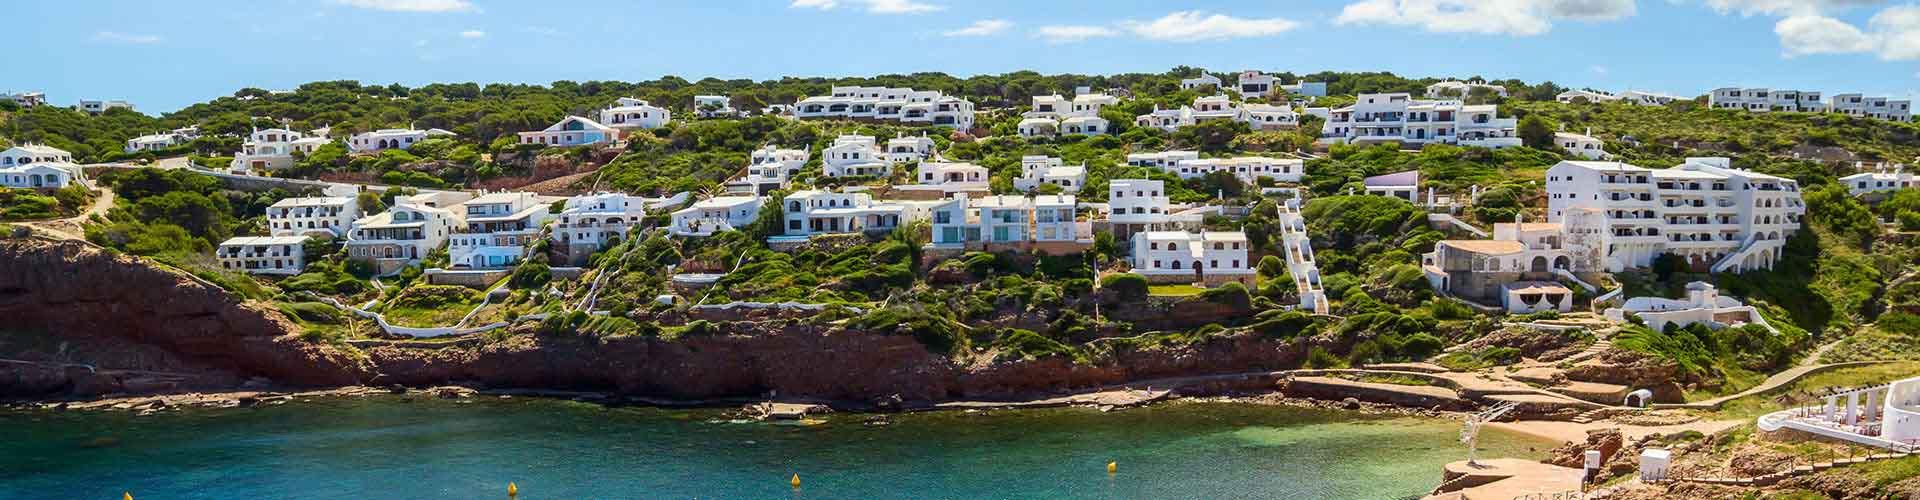 Menorca - Albergues Juveniles  en Menorca. Mapas de Menorca, Fotos y Comentarios para cada Albergue Juvenil en Menorca.